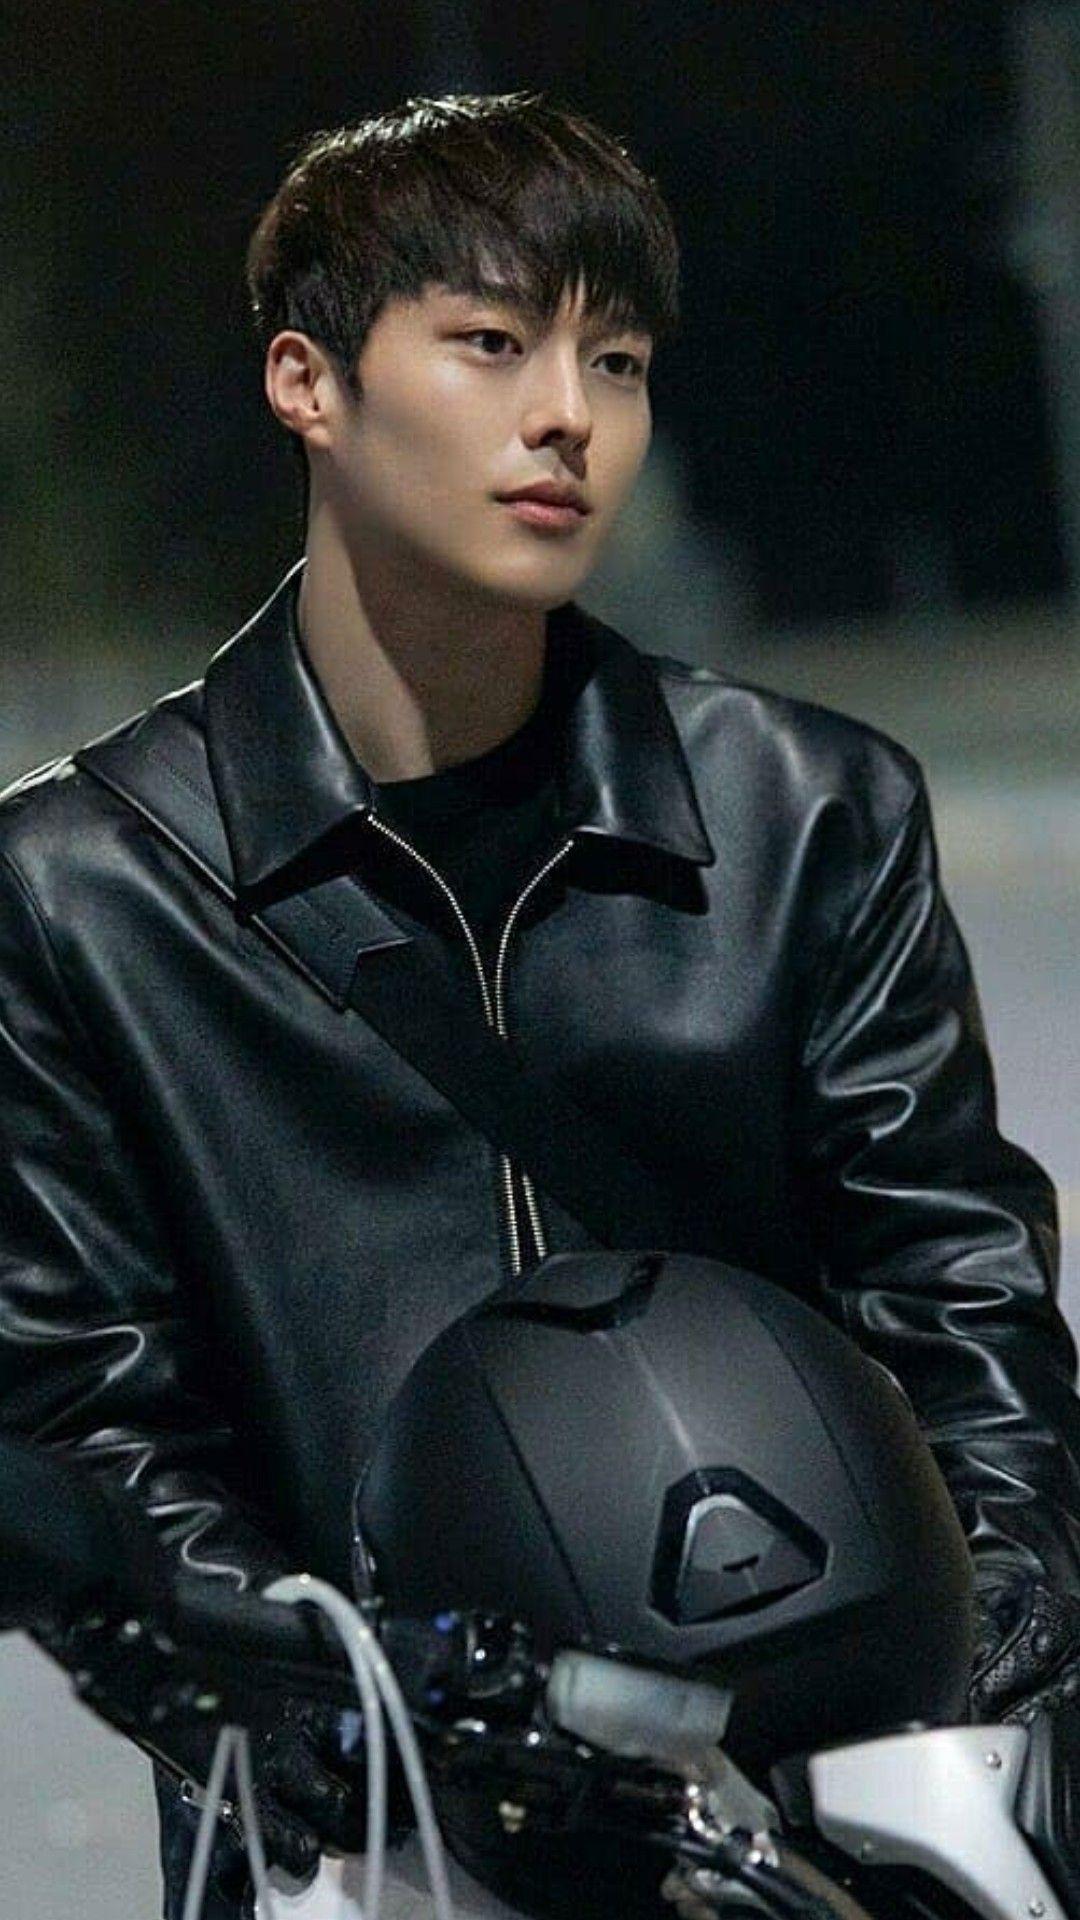 Pin oleh Me di my kind of man ❤   Aktor, Aktor korea, Romansa